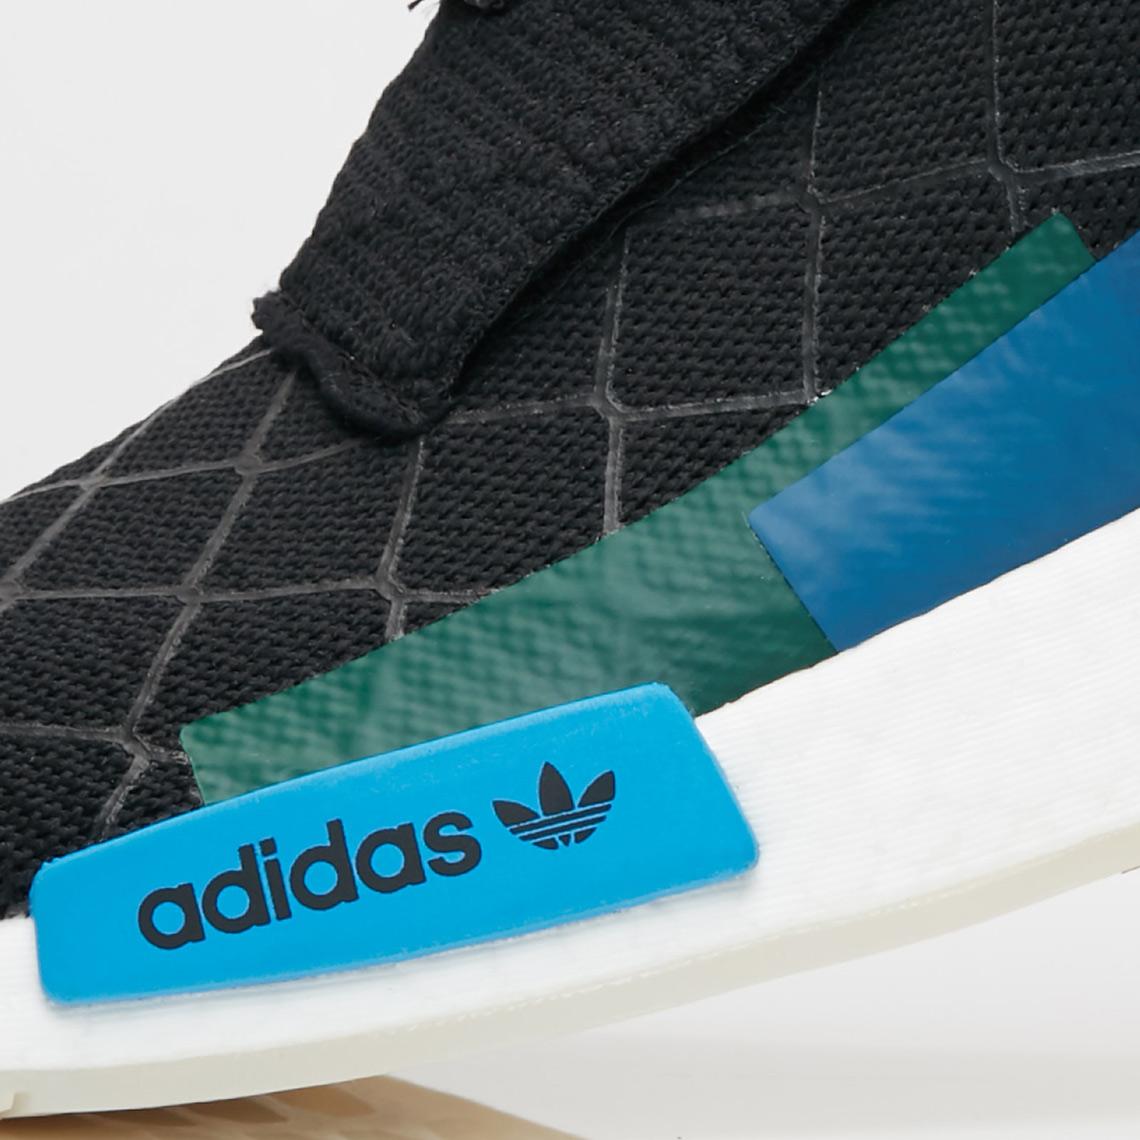 Mita zapatilla Adidas Consortium NMD TS1 bc0333 Release info